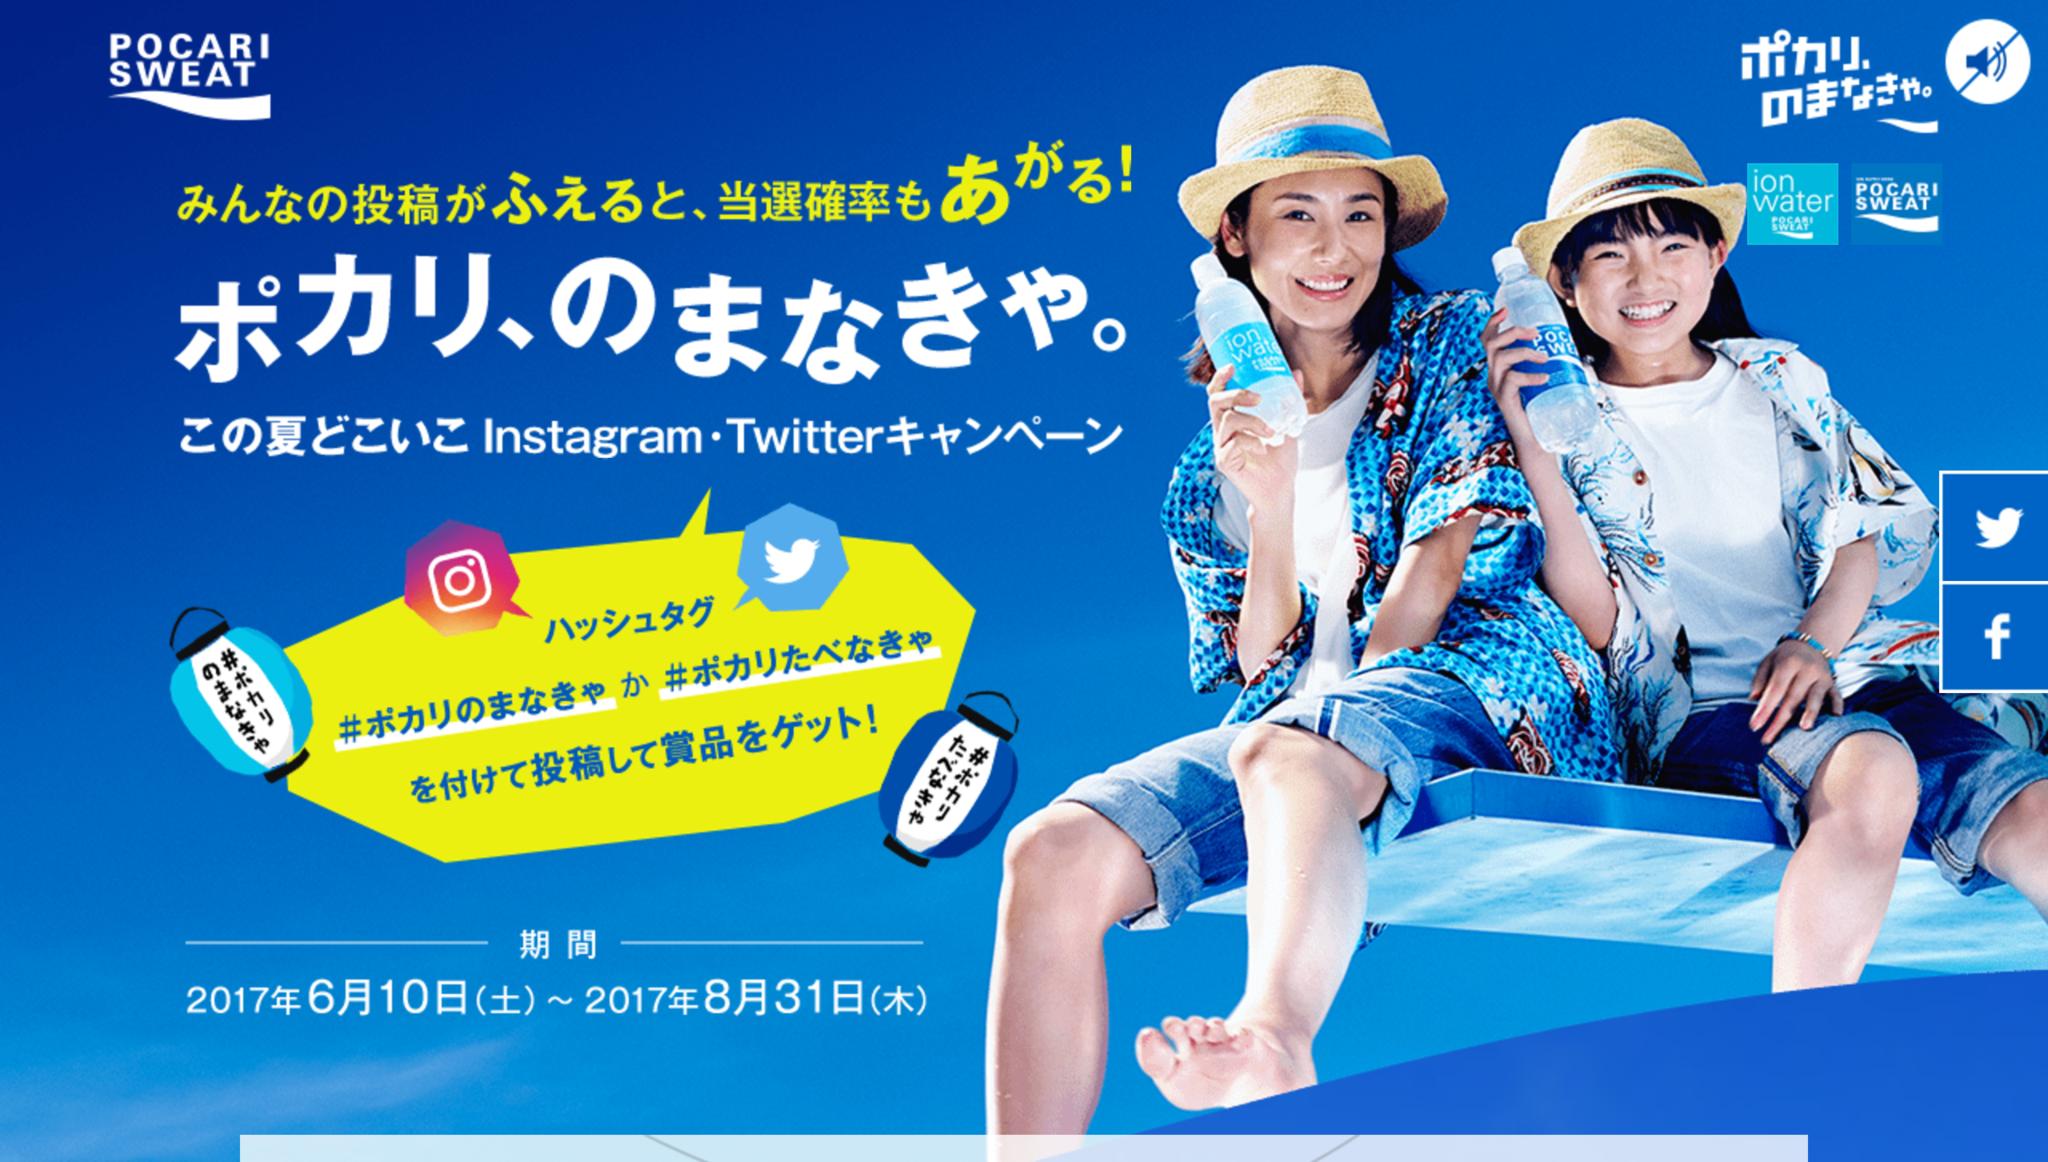 『ポカリ、のまなきゃ。』Instagram__インスタグラム・Twitter__ツイッター__キャンペーン 大塚製薬.png